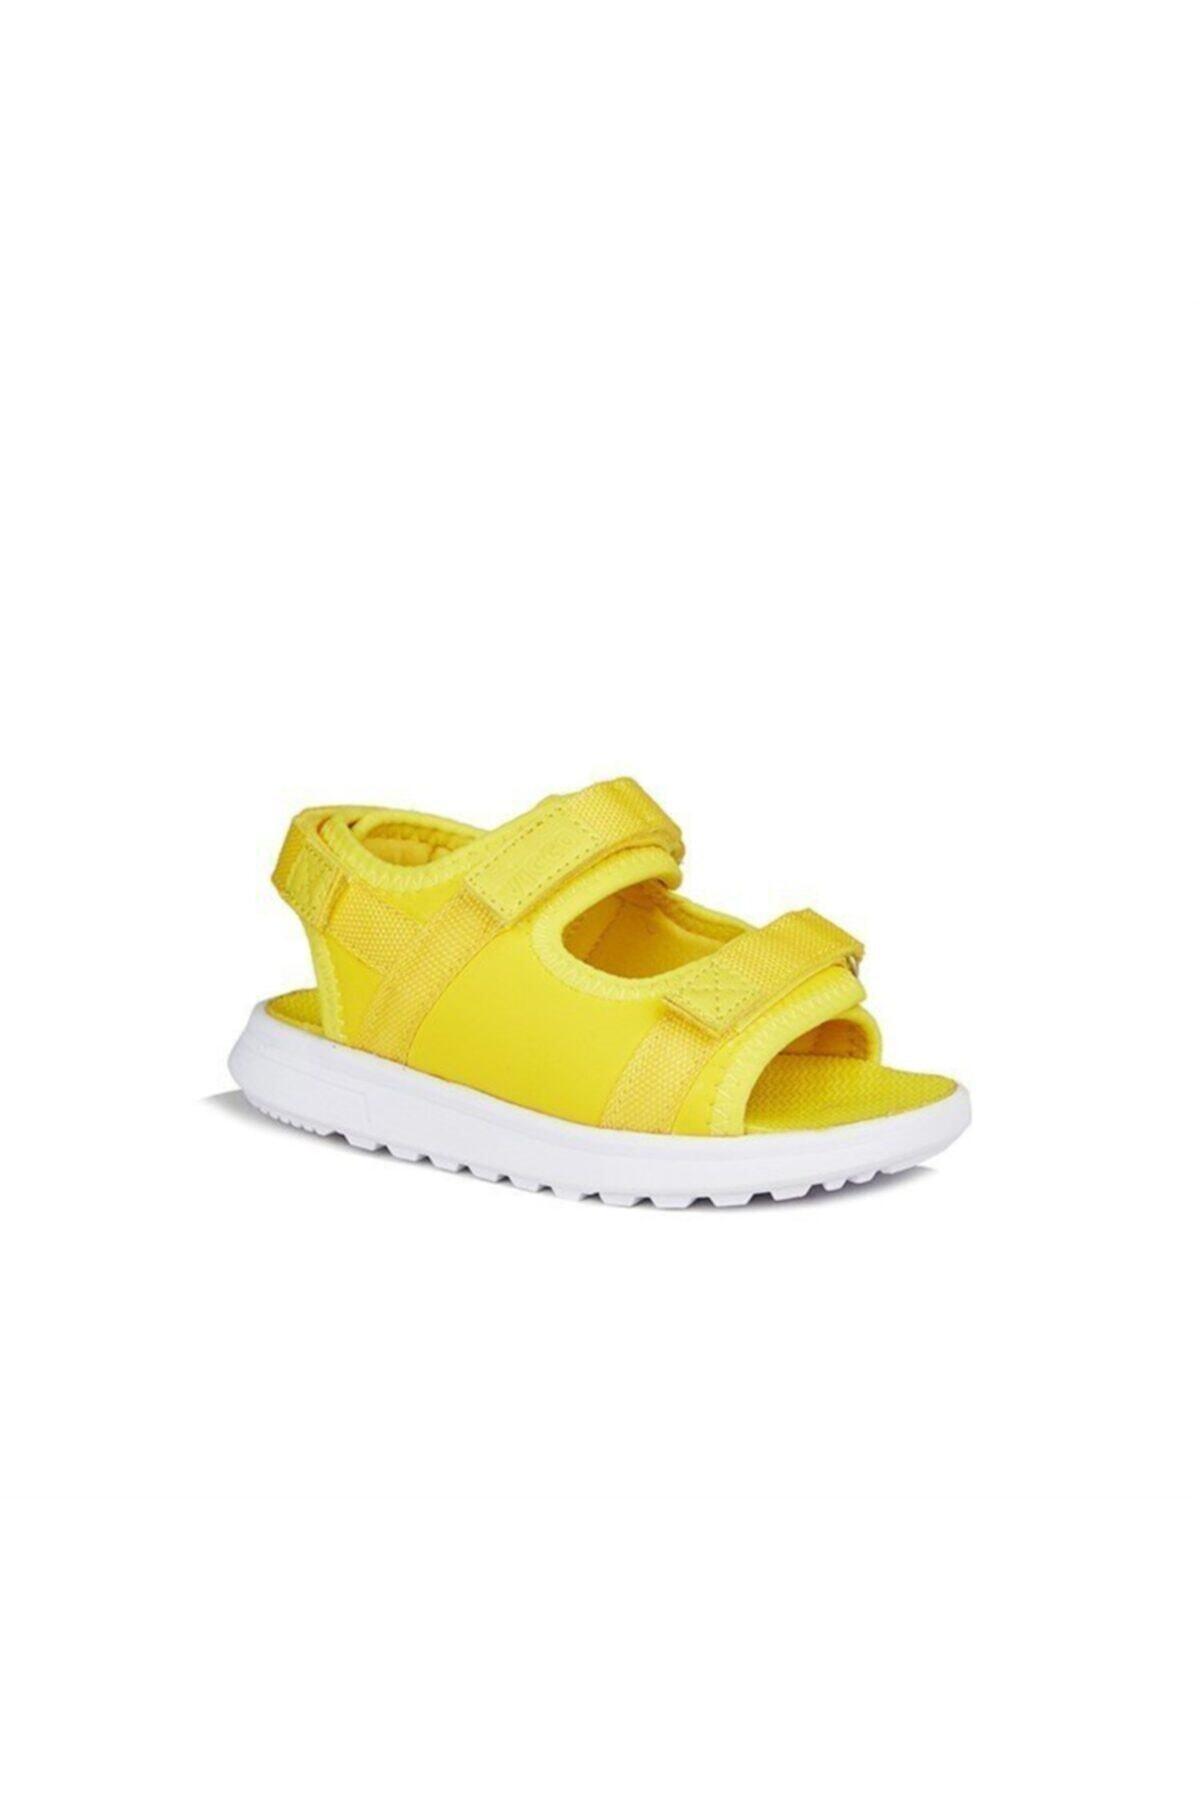 صندل بچه گانه پسرانه خاص برند Vicco رنگ زرد ty42350377